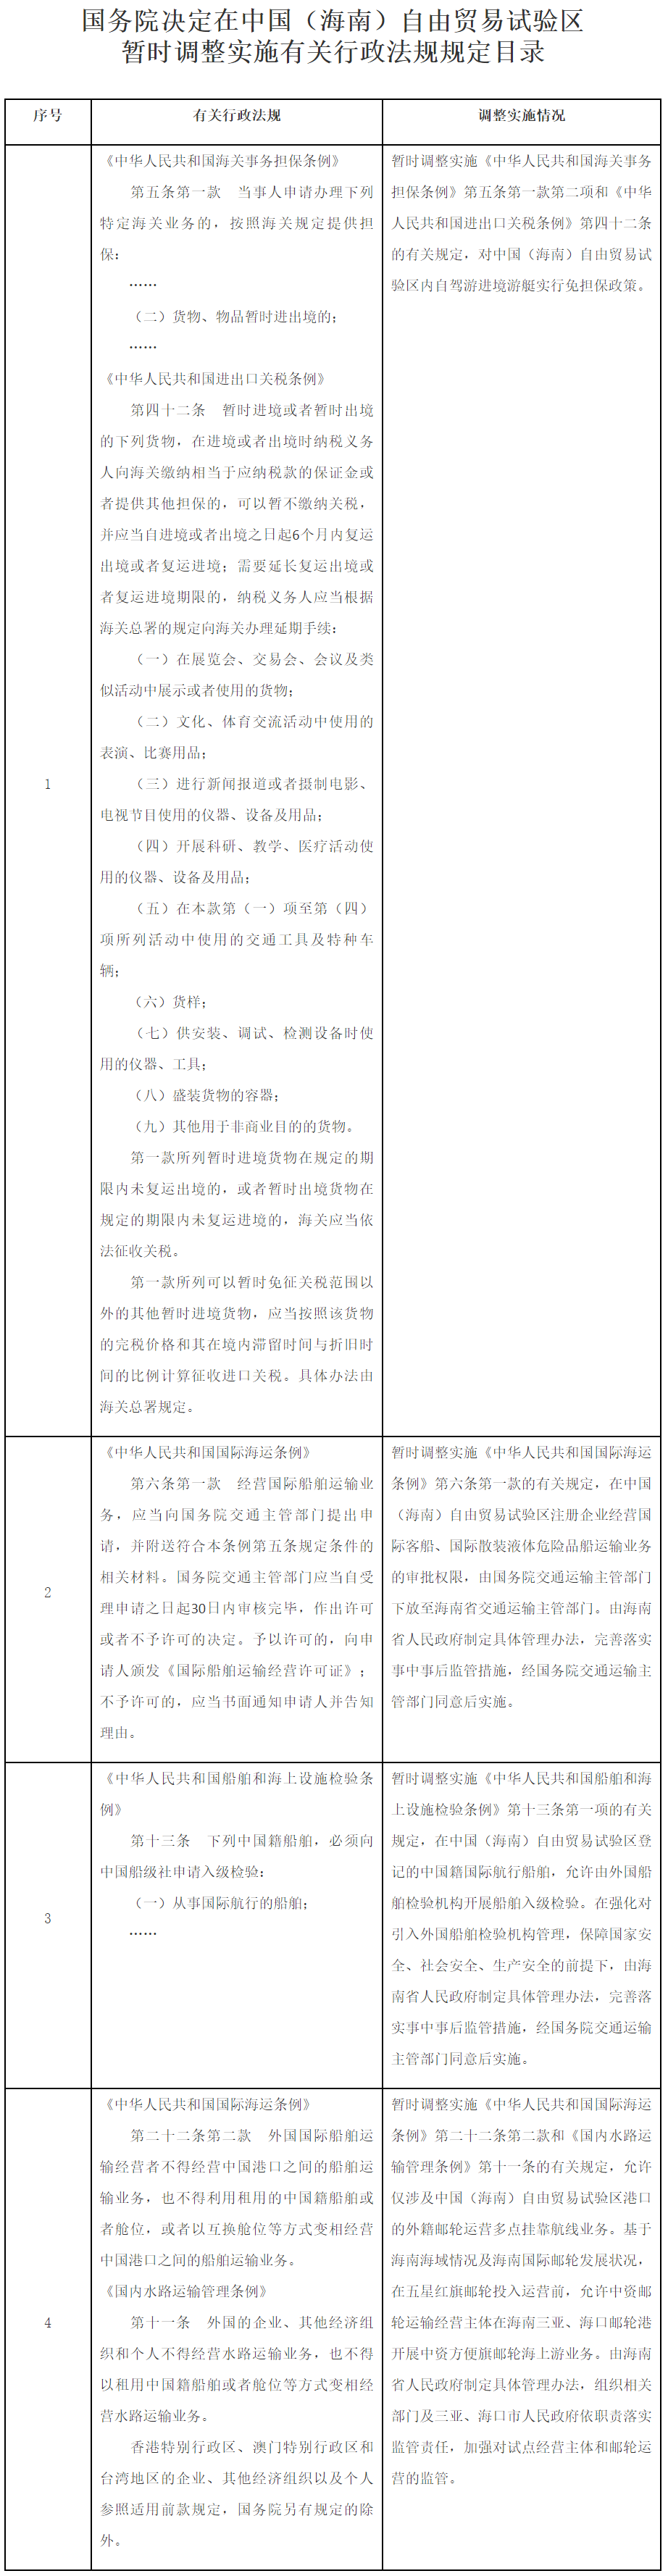 国务院关于在中国(海南)自由贸易试验区暂时调整实施有关行政法规规定的通知(国函〔2020〕88号)_.png